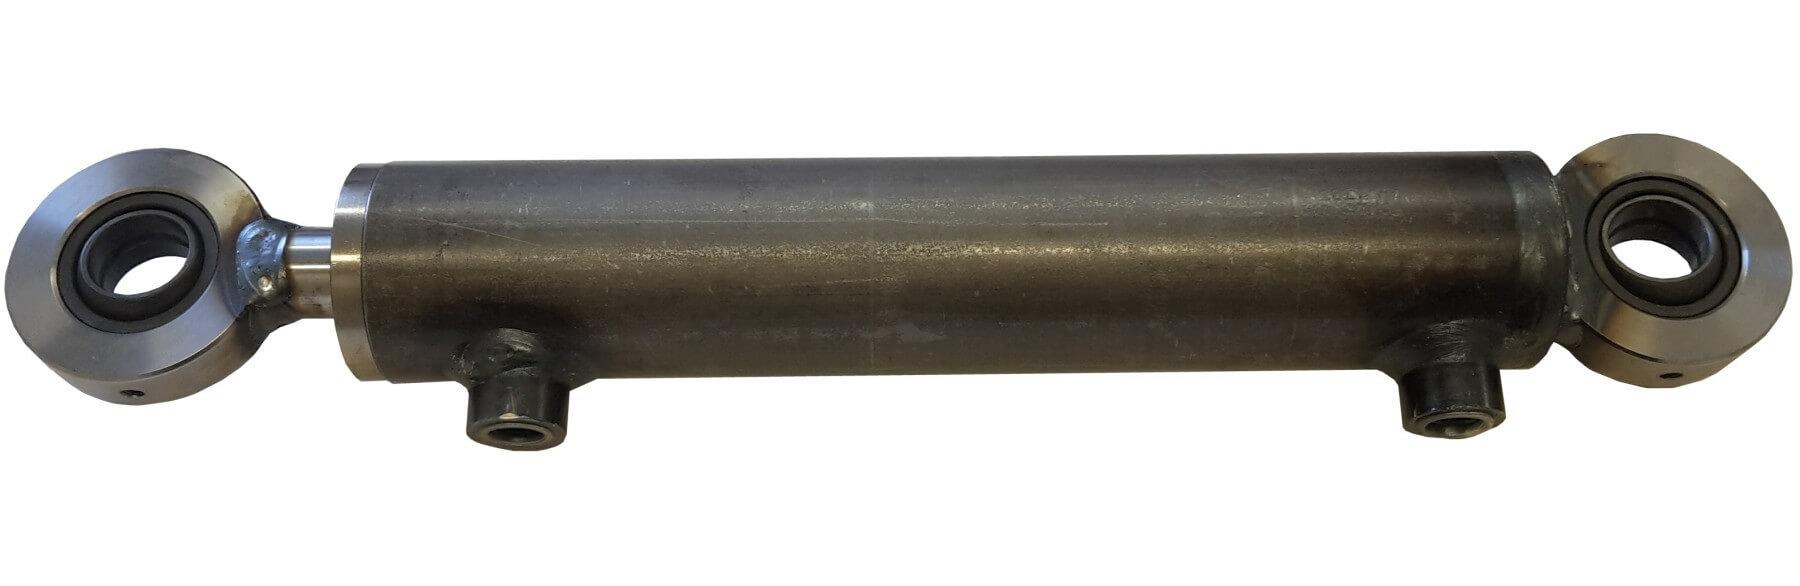 Hydraulisylinteri CL 80. 50. 1000 GE - Kailatec Oy Verkkokauppa